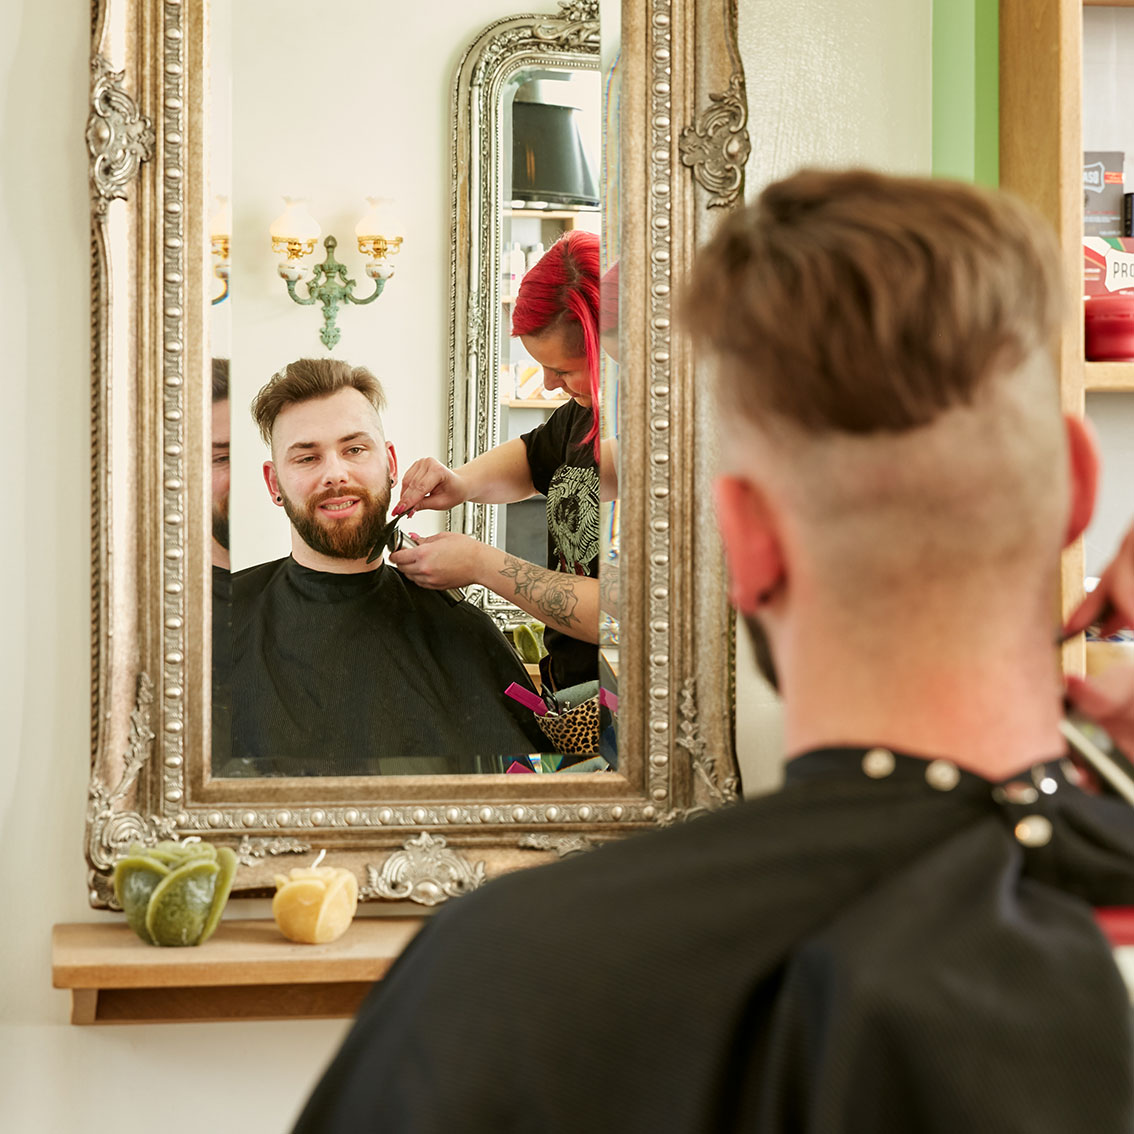 https://www.gabryhairdesign.nl/wp-content/uploads/2017/11/Hairdesign-Gabry-Barber-Zuid-Limburg-in-Schimmert.jpg